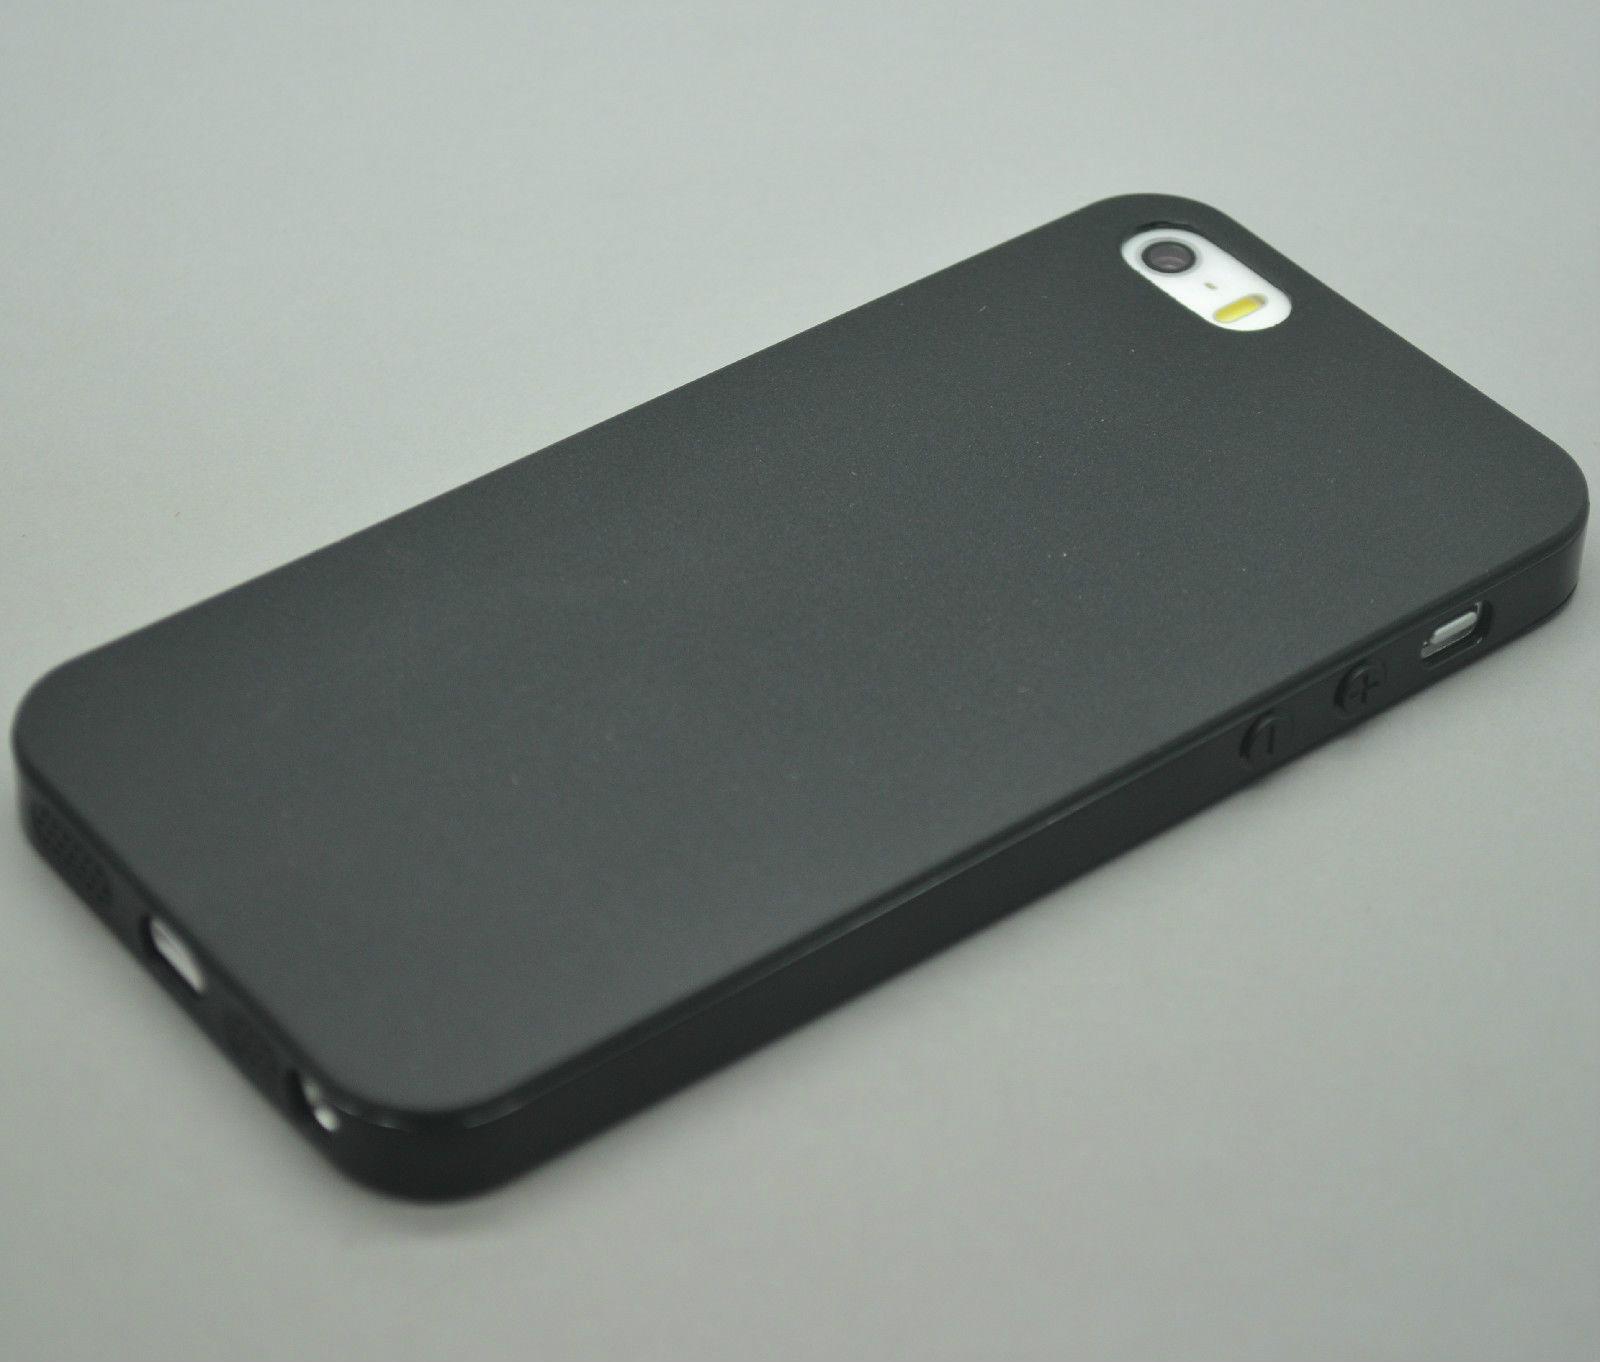 ULTRA SLIM RUBBER SOFT SILICONE GEL SKIN BUMPER CASE COVER ...Iphone 5s Rubber Bumper